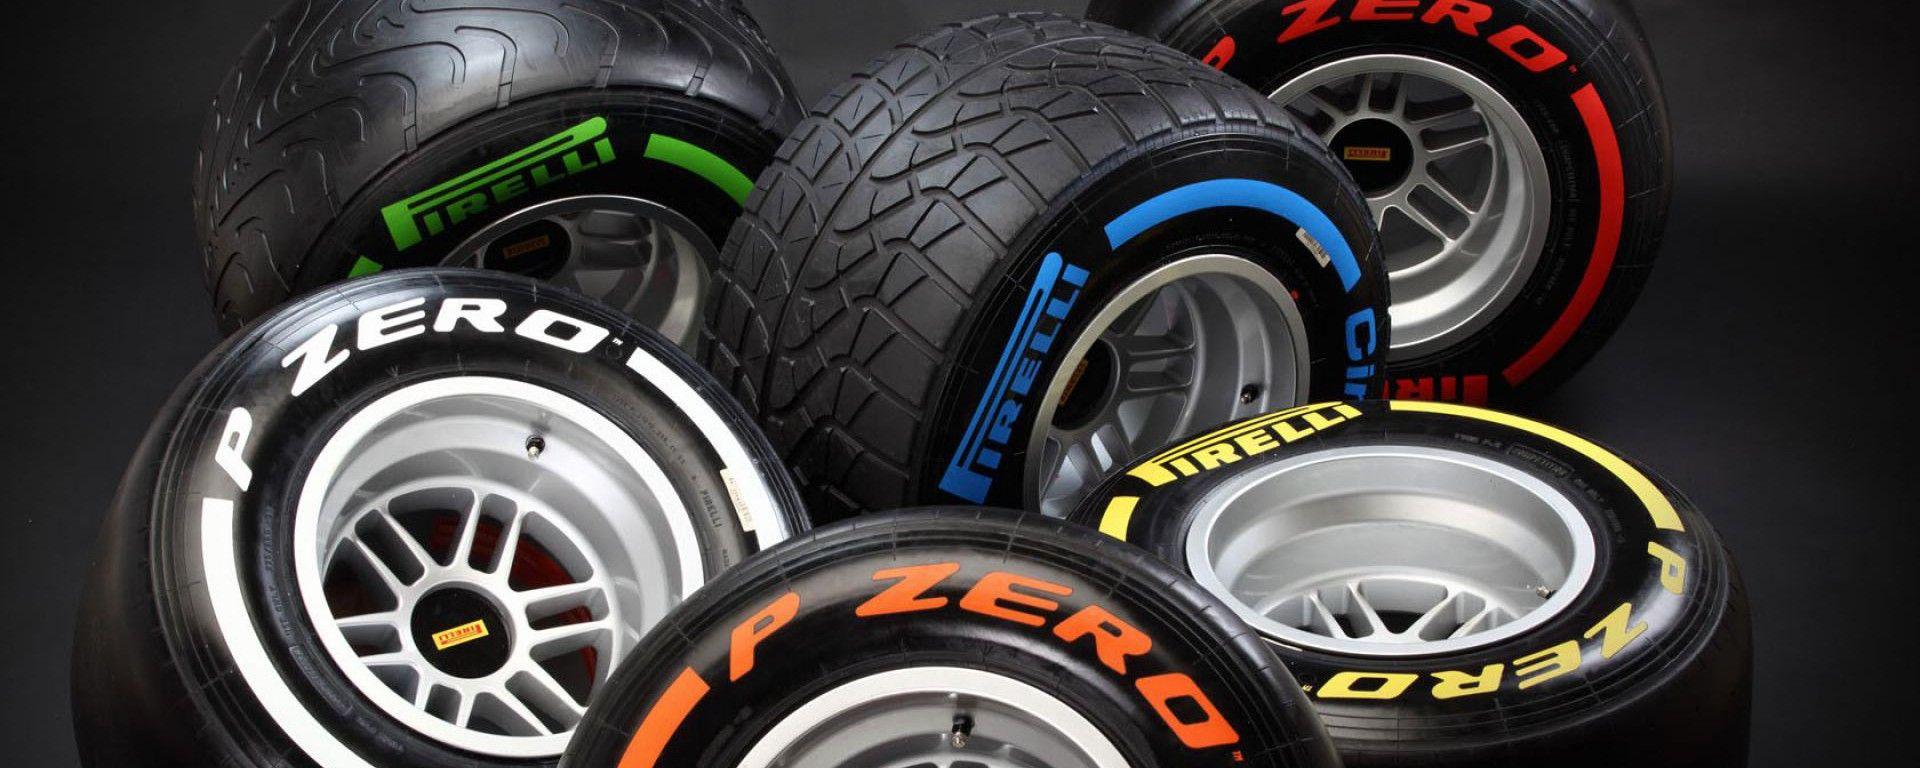 F1 GP Austria: Ferrari aggressiva, punta sulle UltraSoft